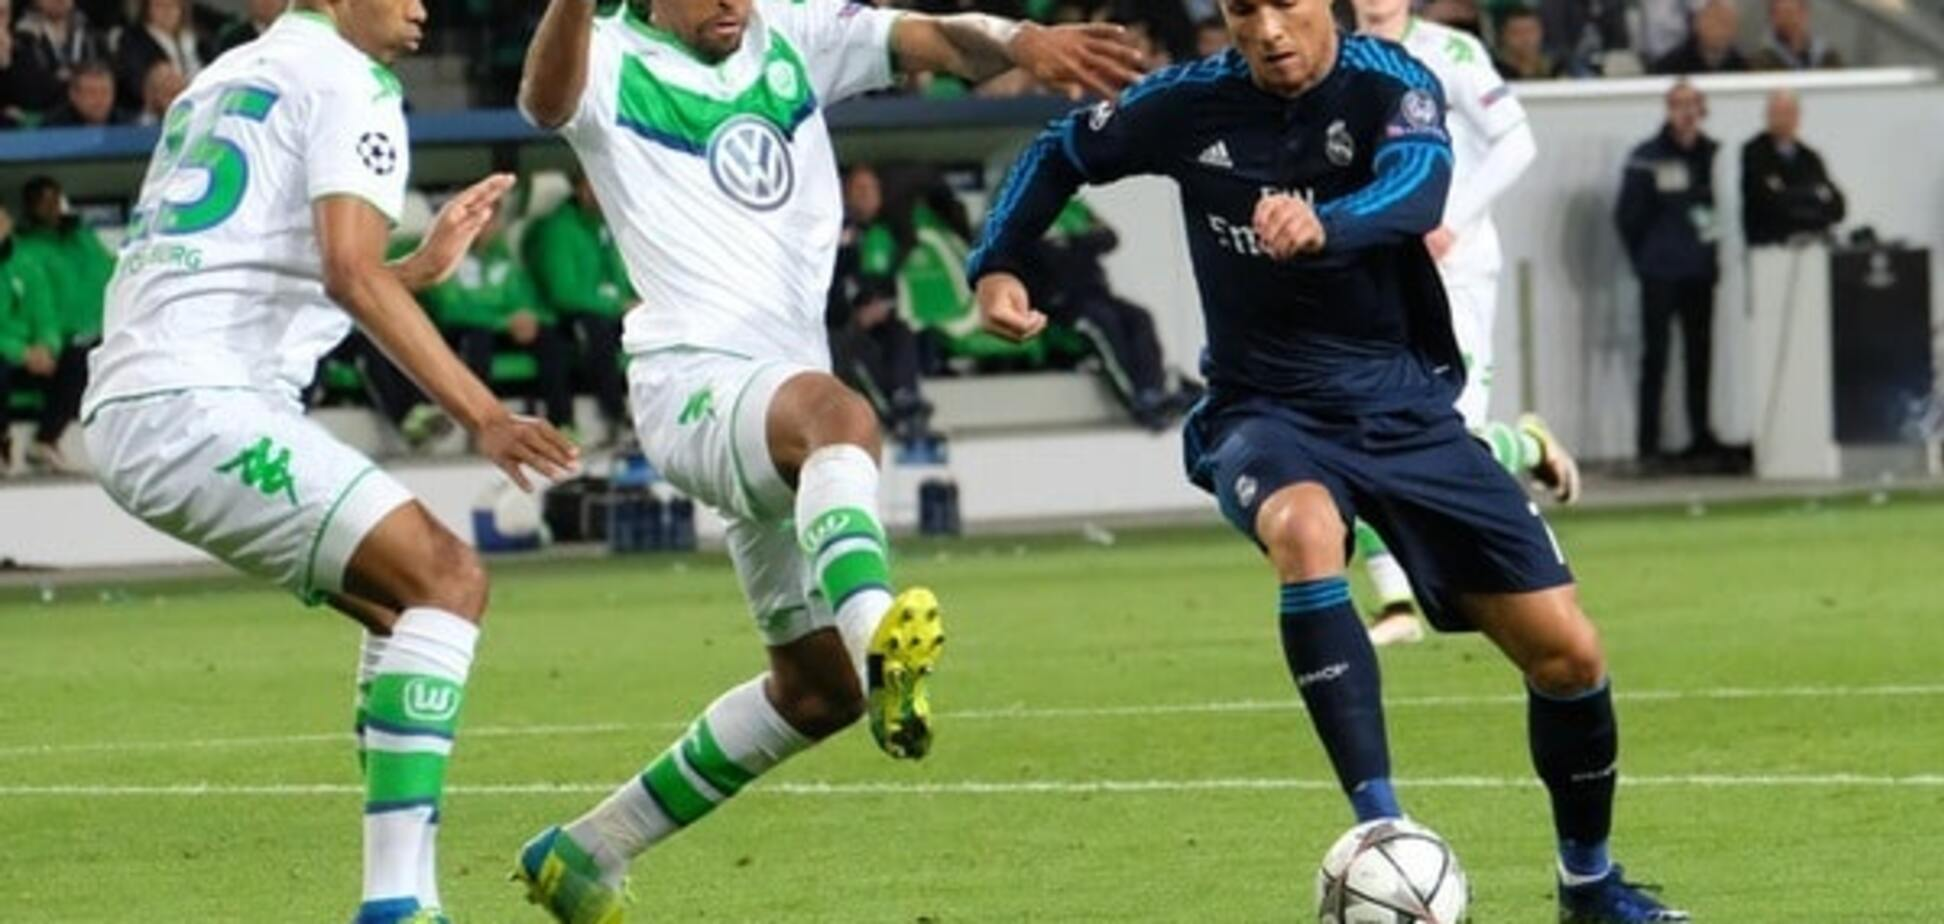 'Реал' сенсаційно програв 'Вольфсбургу' в 1/4 фіналу Ліги чемпіонів